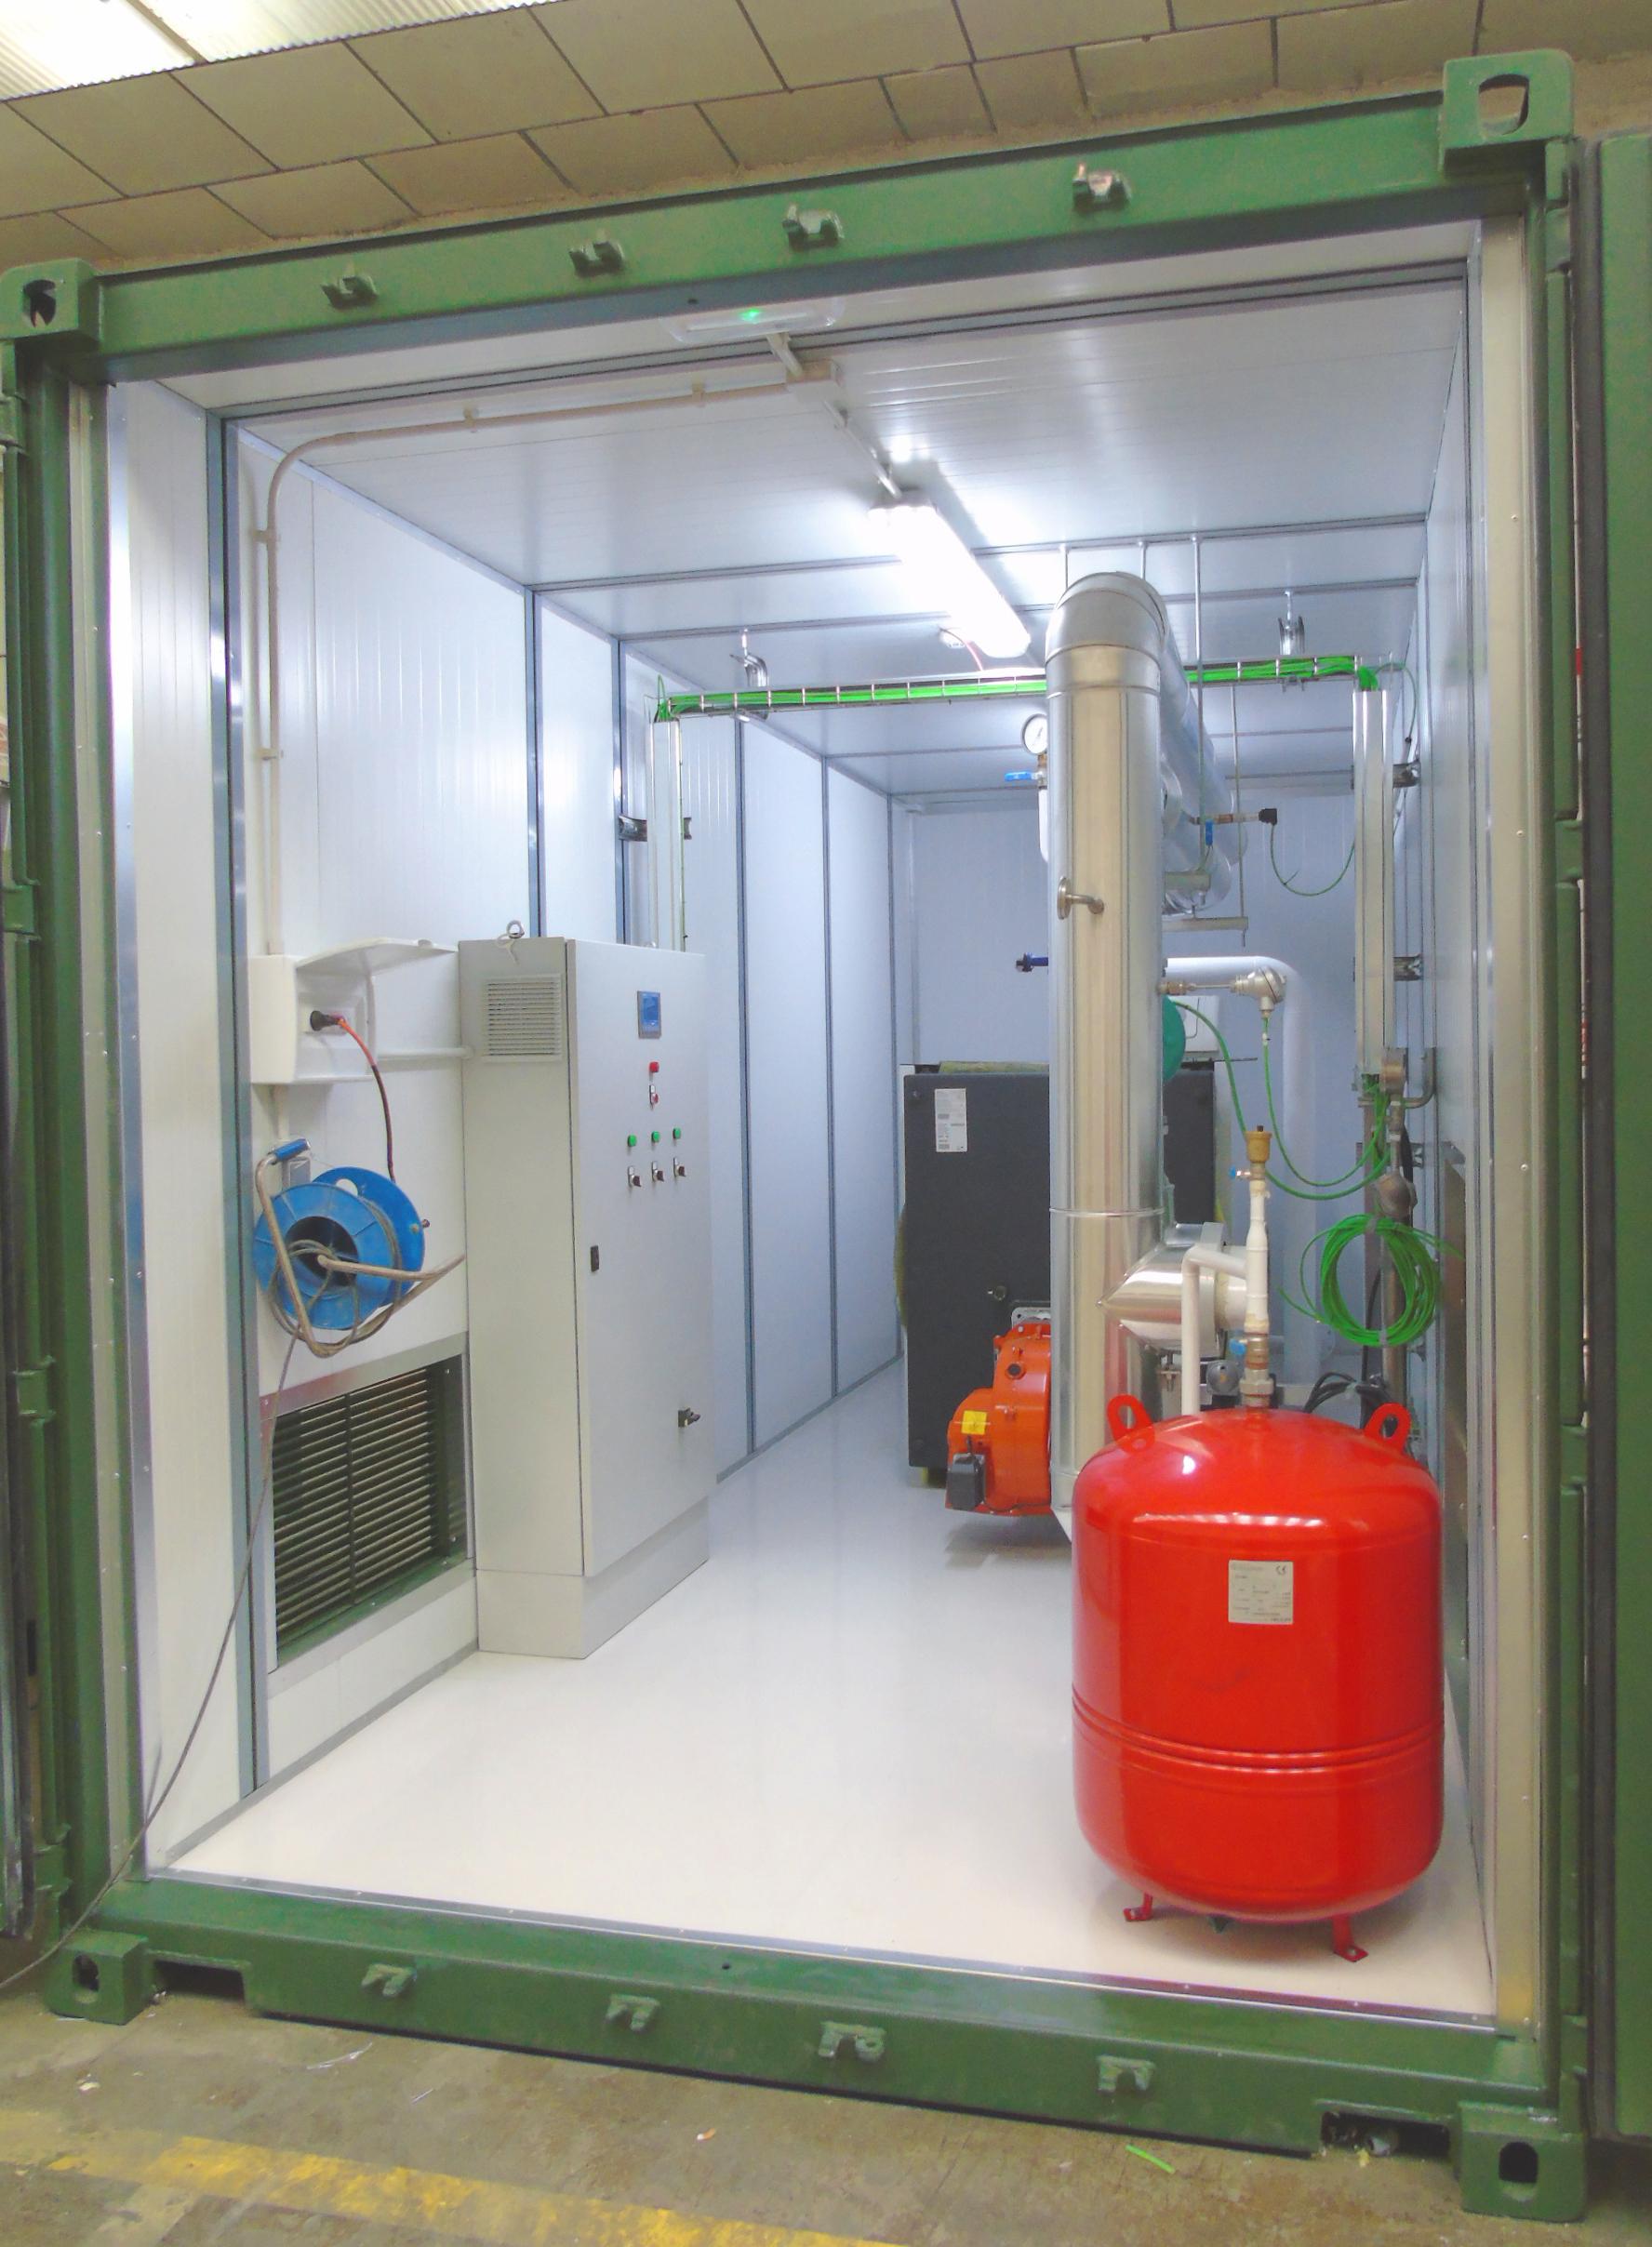 02Contenedor de Calefacción-Planta de Biogás de 1MW en Stracathro Reino Unido-Contenedor de calefaccion-Stracathro-QILA